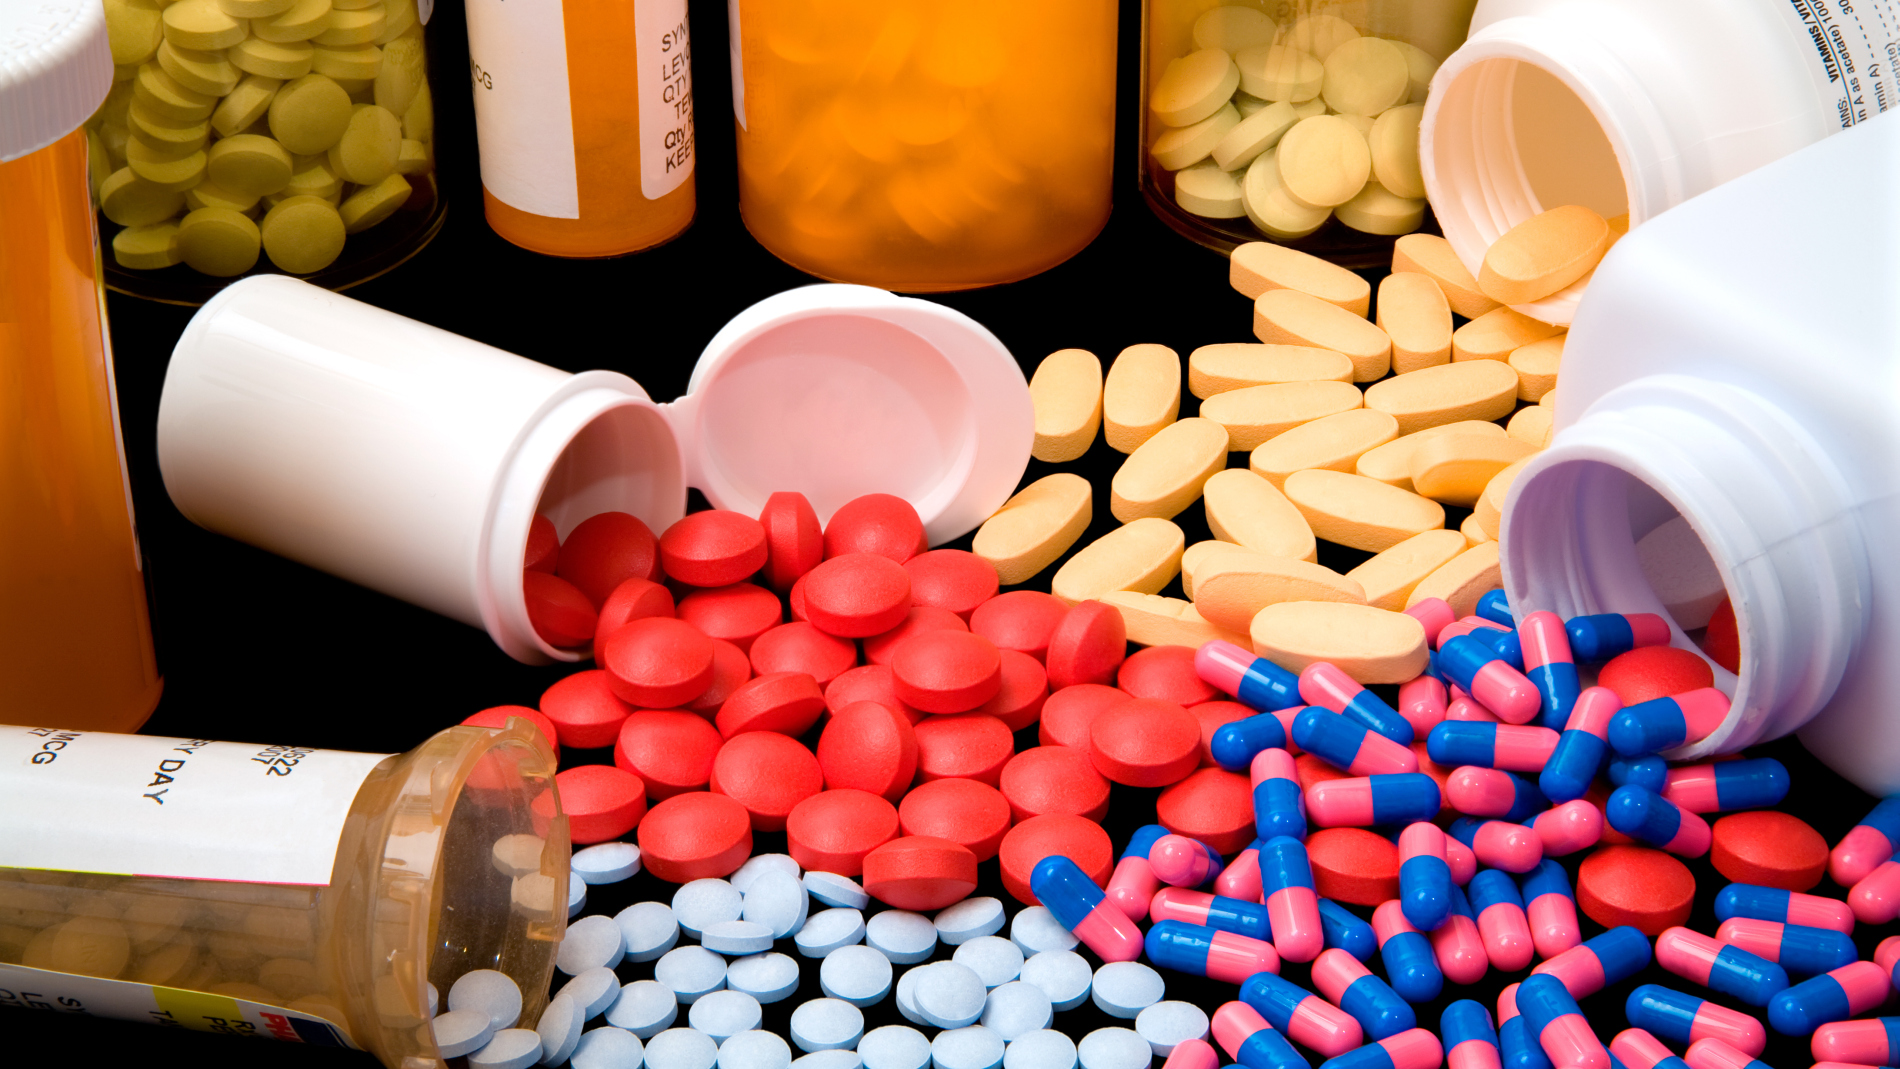 Купить препараты потенции для мужчин в Москве, цены дженериков в аптеке